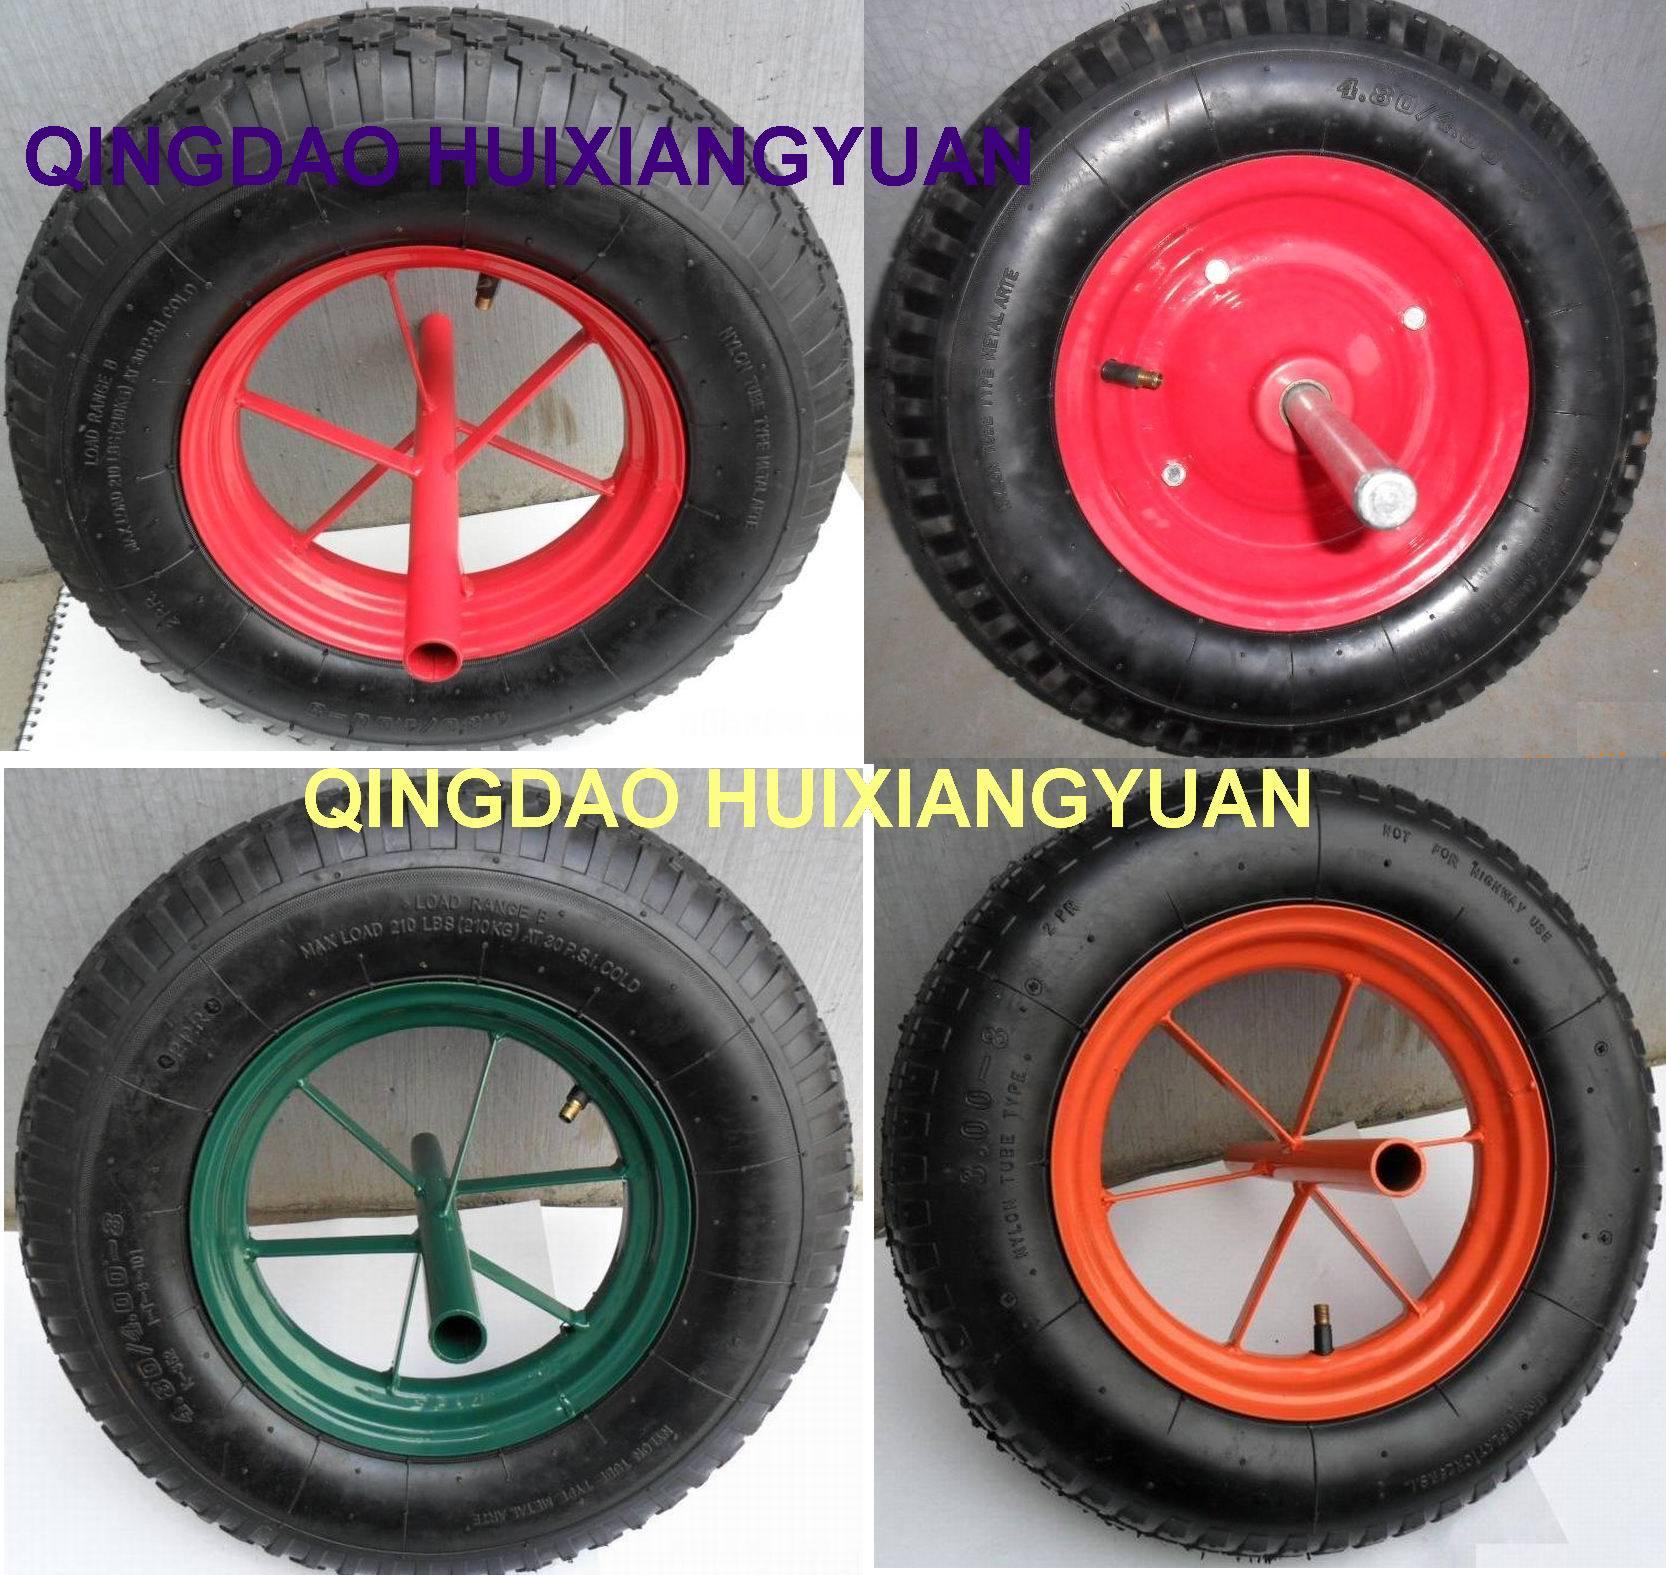 Foto de rueda neum tica de la carretilla de wheel rubber - Ruedas de carretillas ...